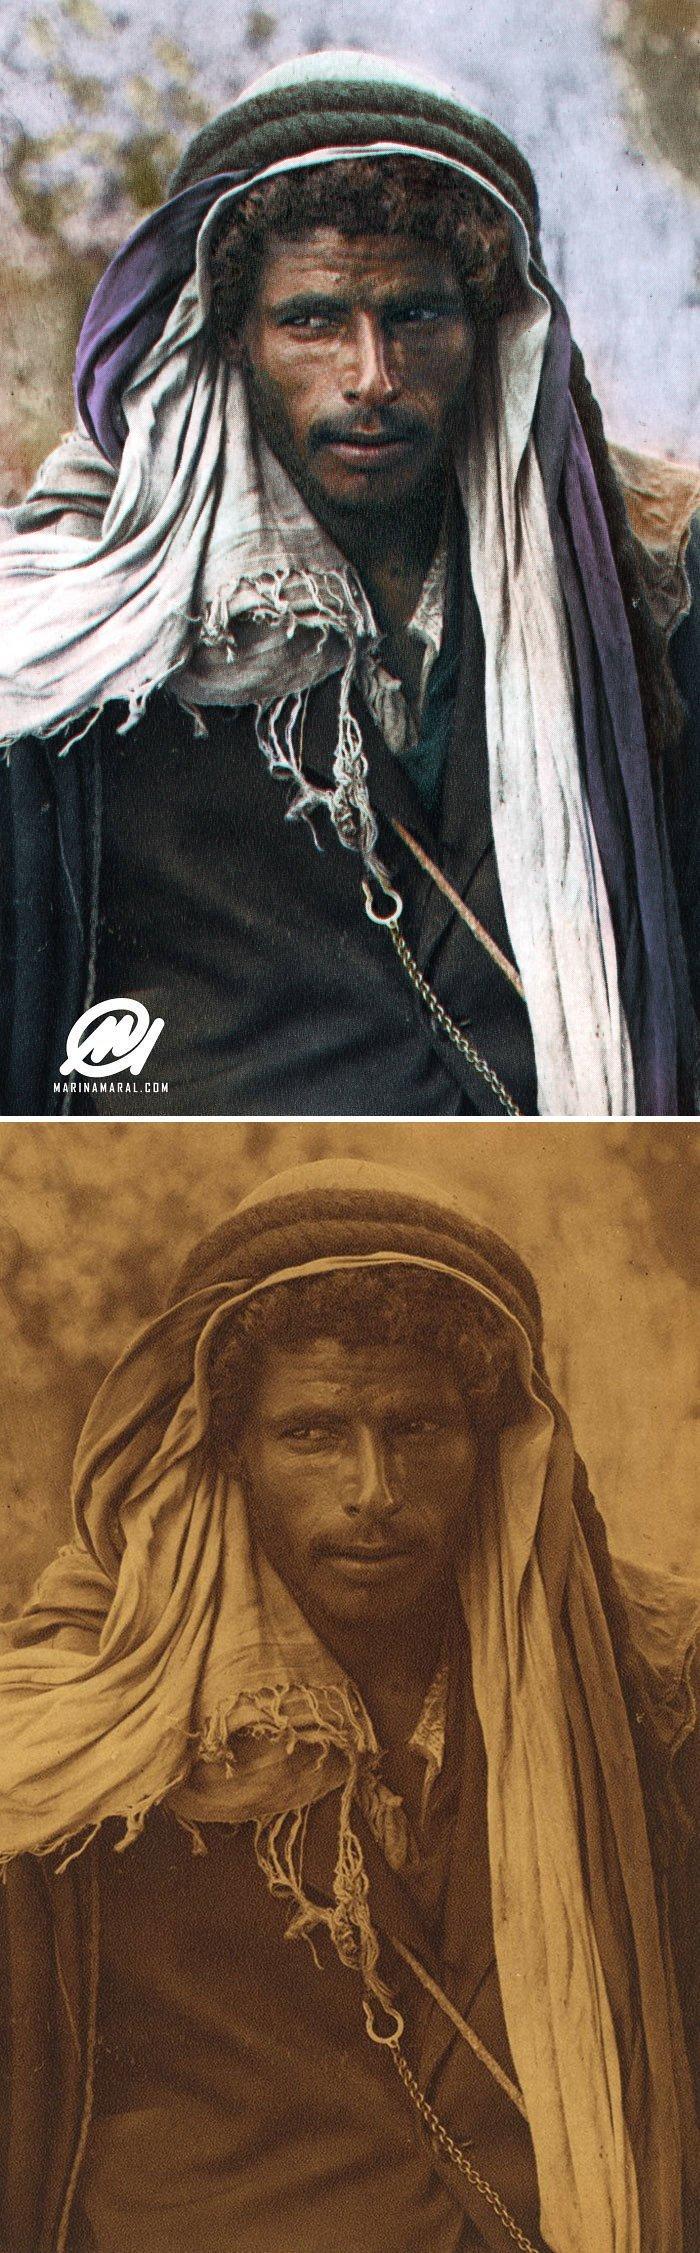 Бедуин история, портрет, прошлое, событие, фотография, фотомир, цвет